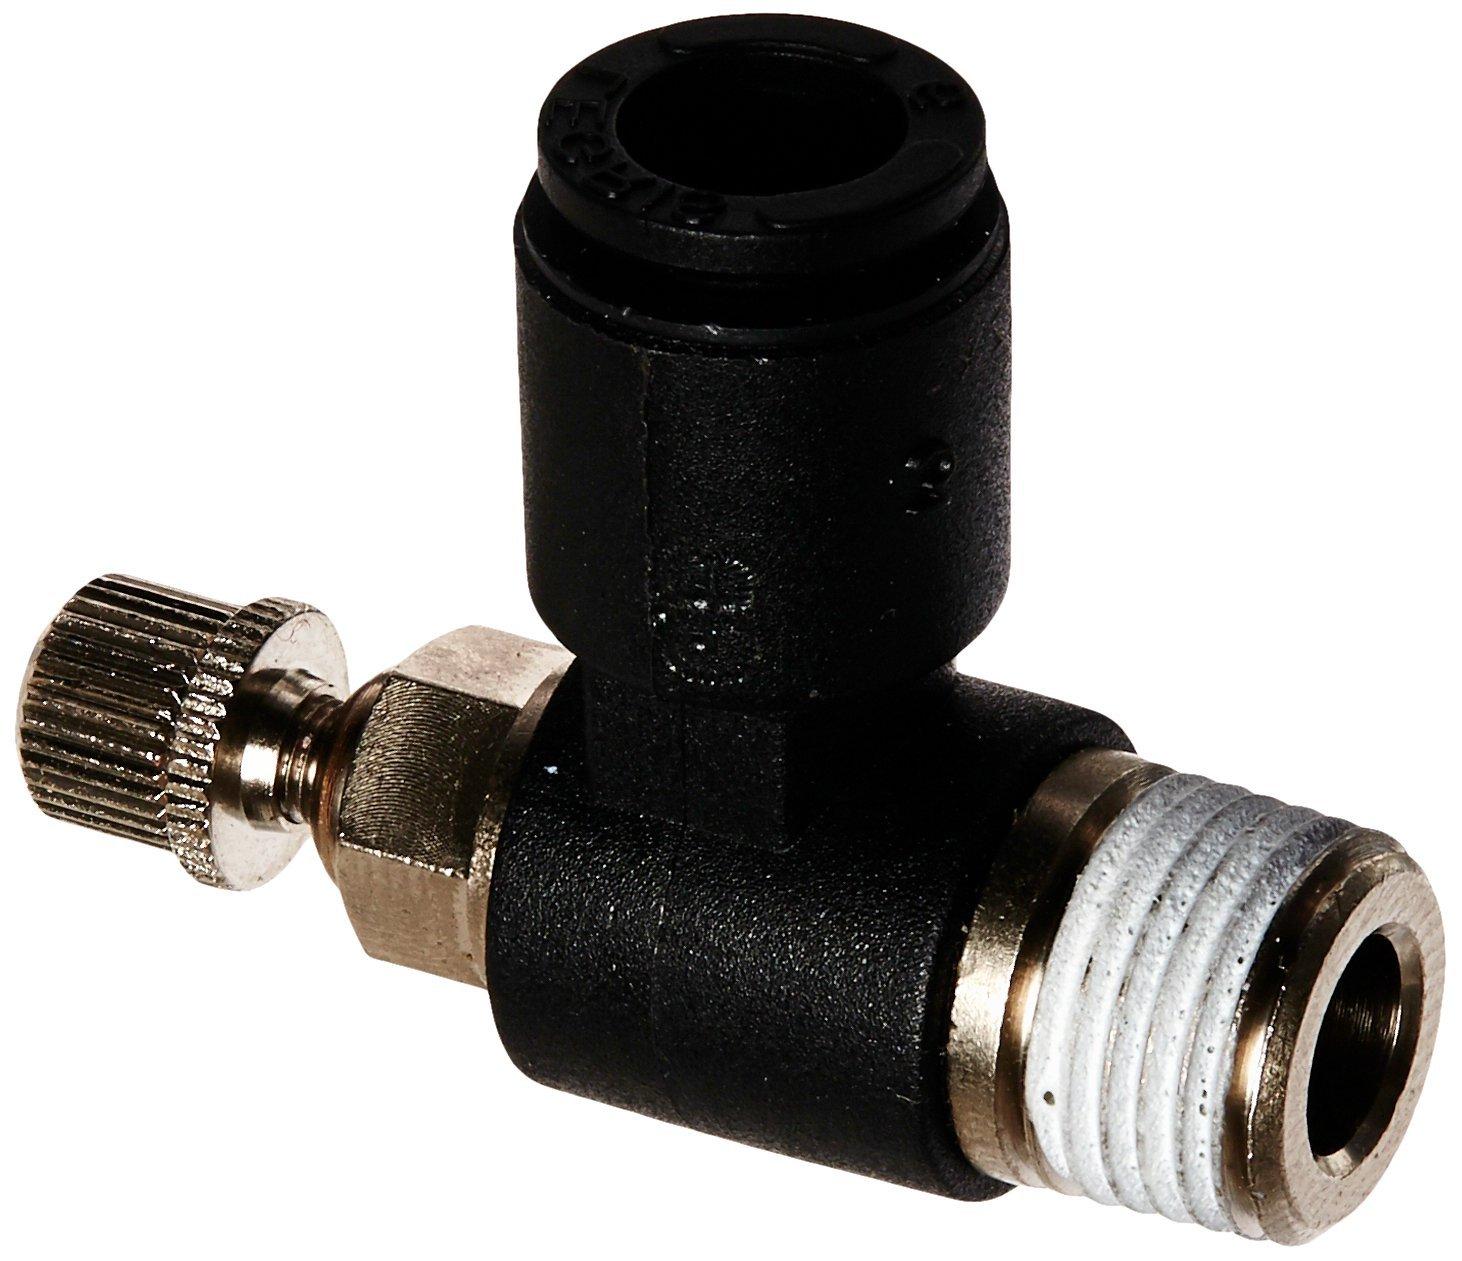 1//4 Tube OD x 1//4 NPT Male 90 Degree Elbow Meter-Out Legris 7665 56 14 Nylon Air Flow Control Valve External Screw//Knob